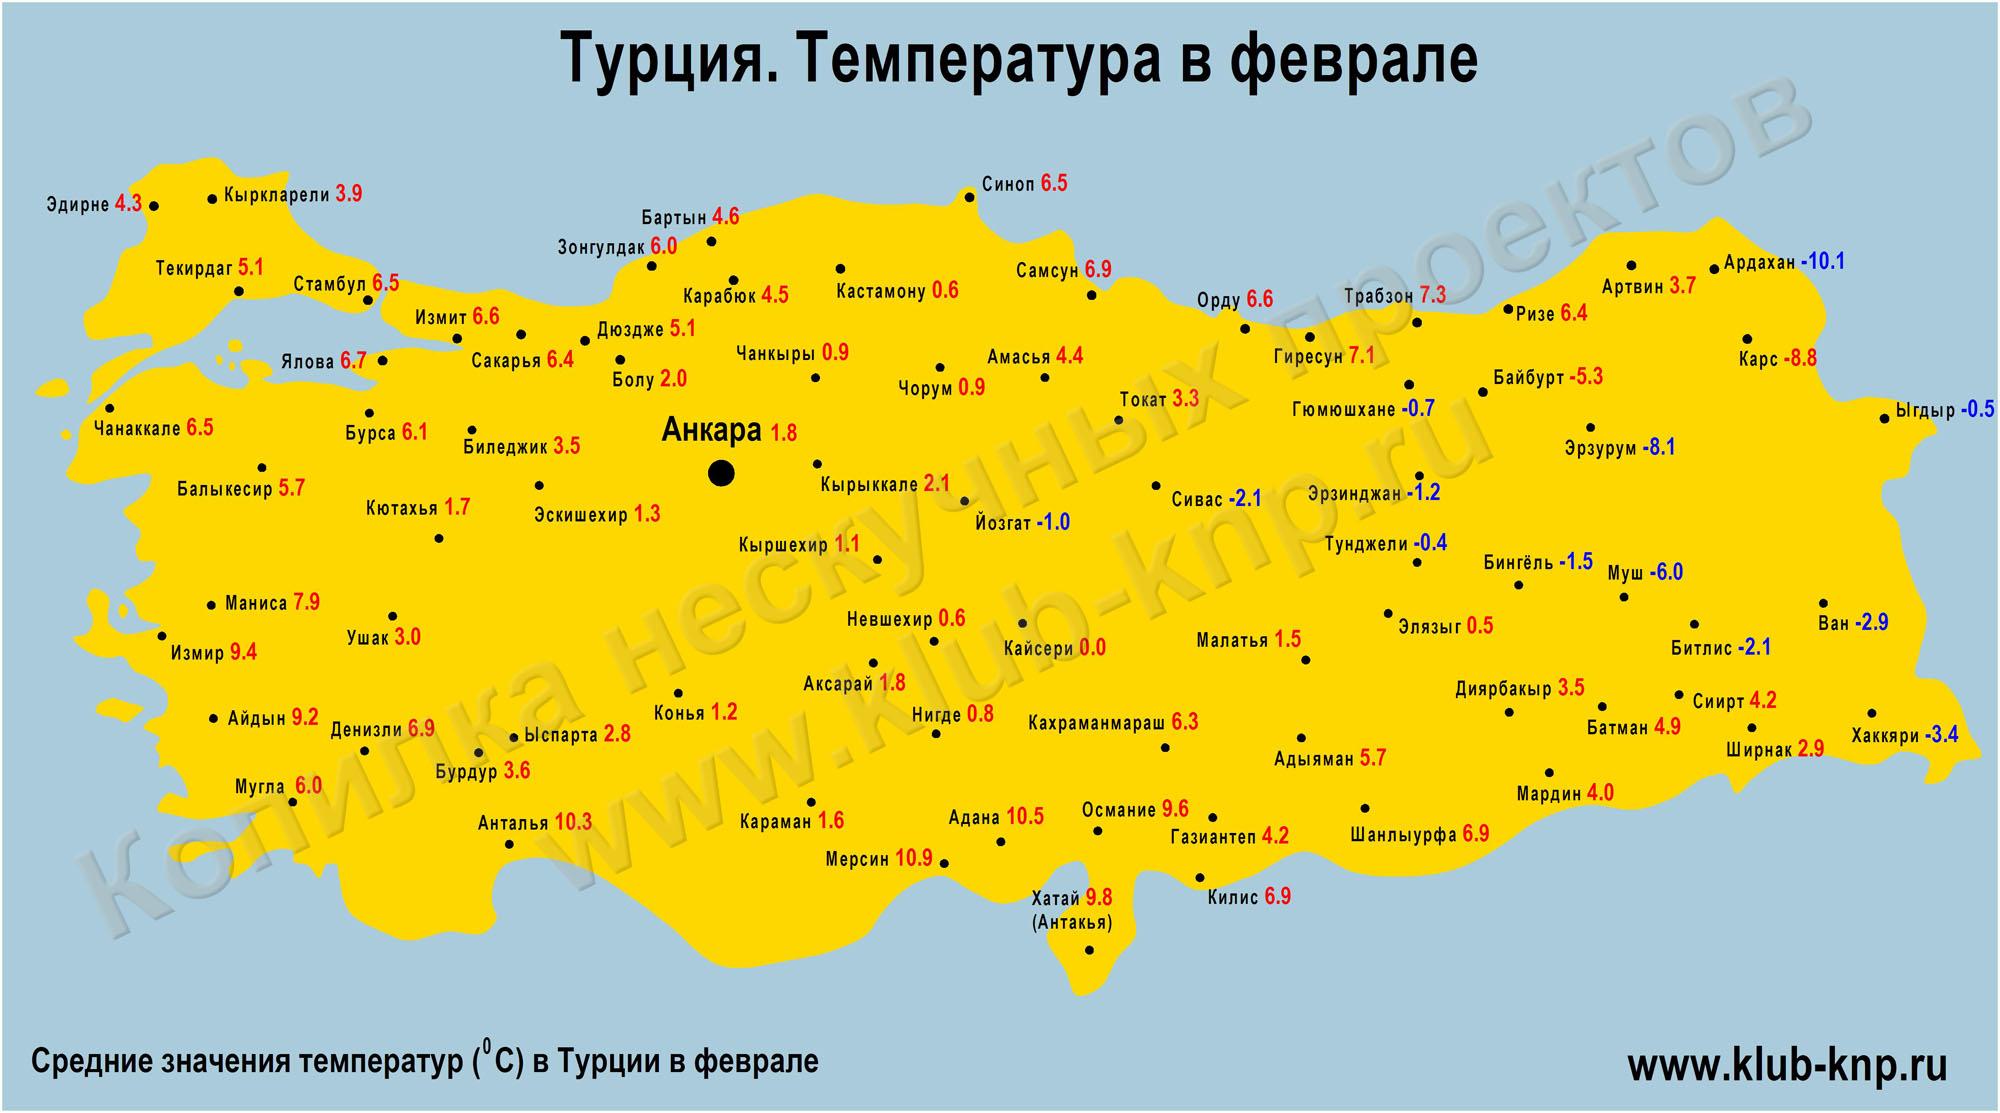 Погода в Турции в феврале